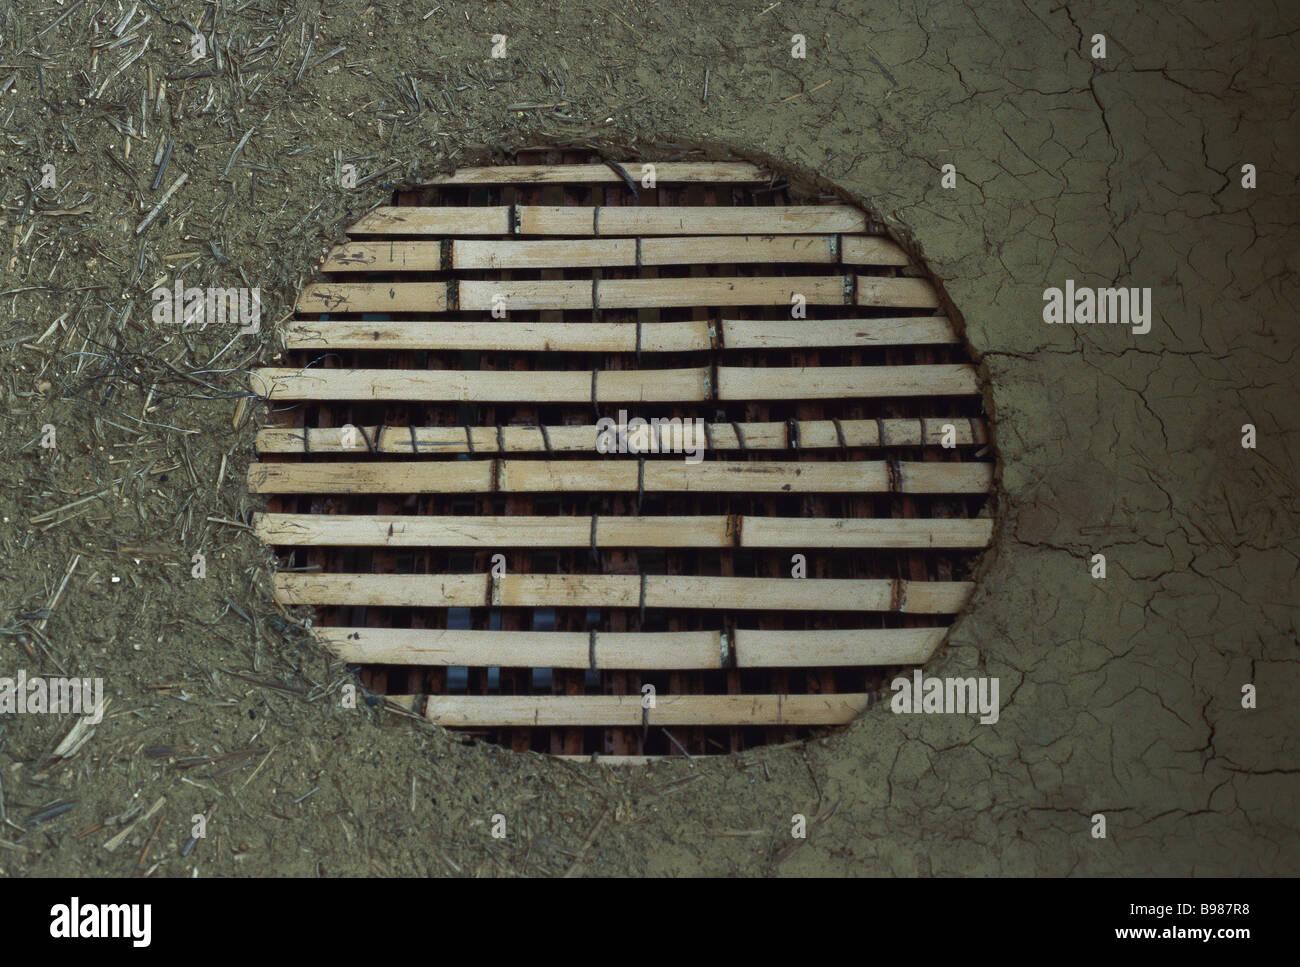 Ventana en la pared de adobe, cubierta por cañas de bambú Imagen De Stock